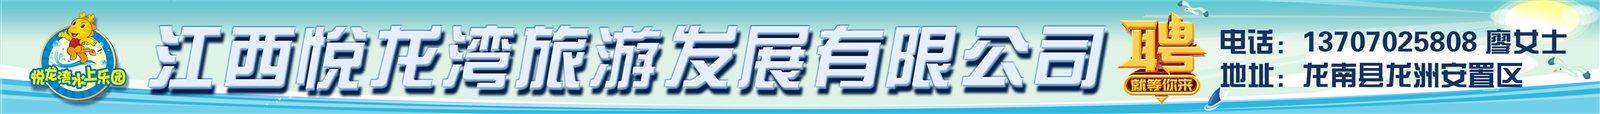 江西省悦龙湾旅游发展有限澳门太阳城注册